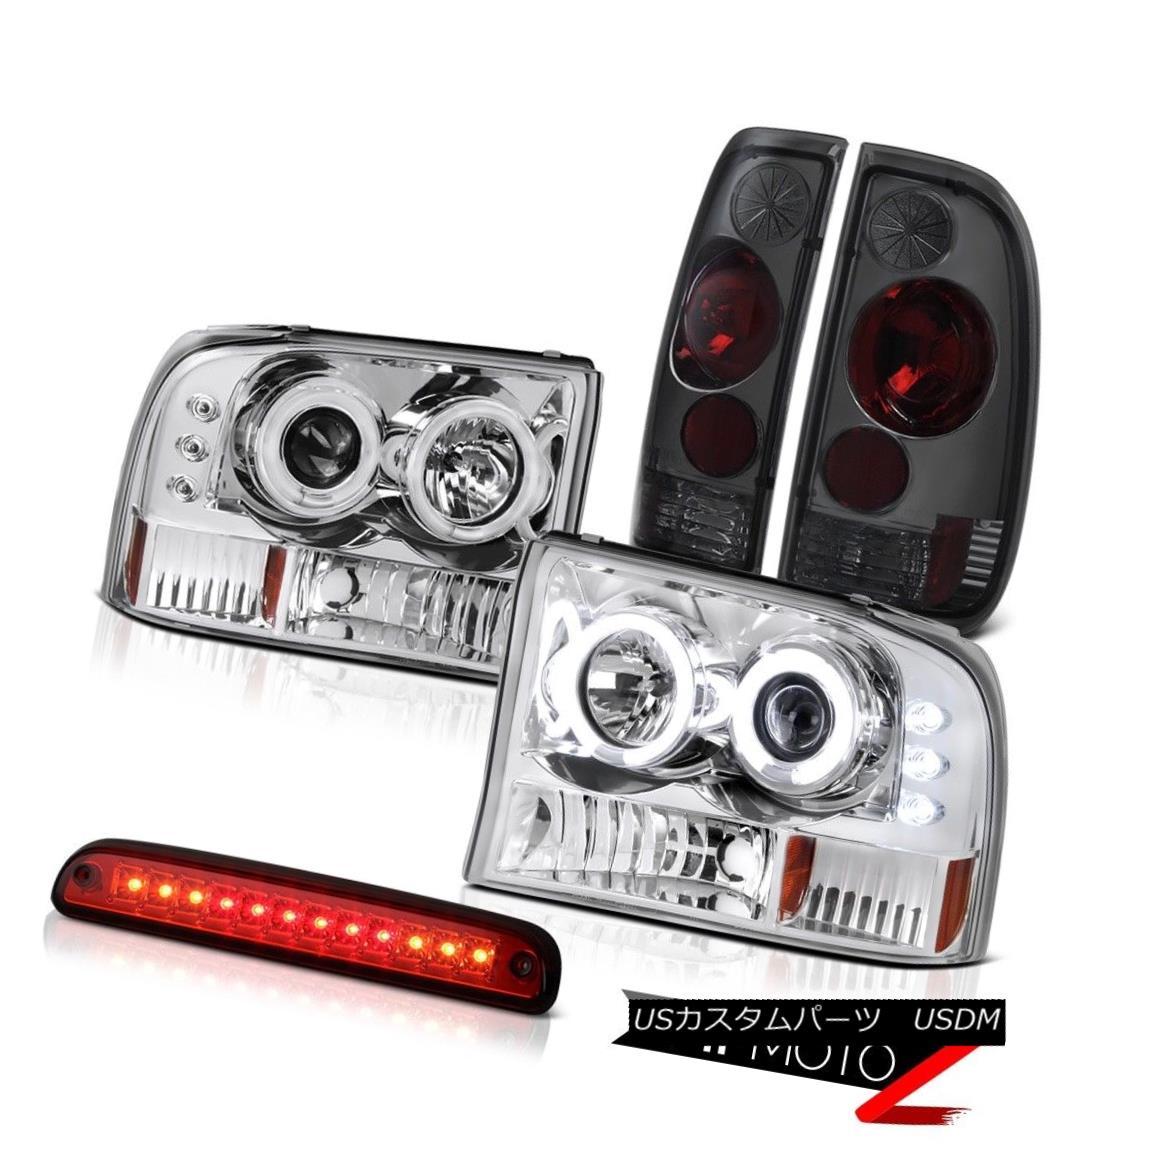 ヘッドライト Euro CCFL HeadLights Third Brake Red LED Altezza Tinted Tail Lamps 99-04 F350 ユーロCCFLヘッドライトサードブレーキレッドLED Altezzaテールテールランプ99-04 F350